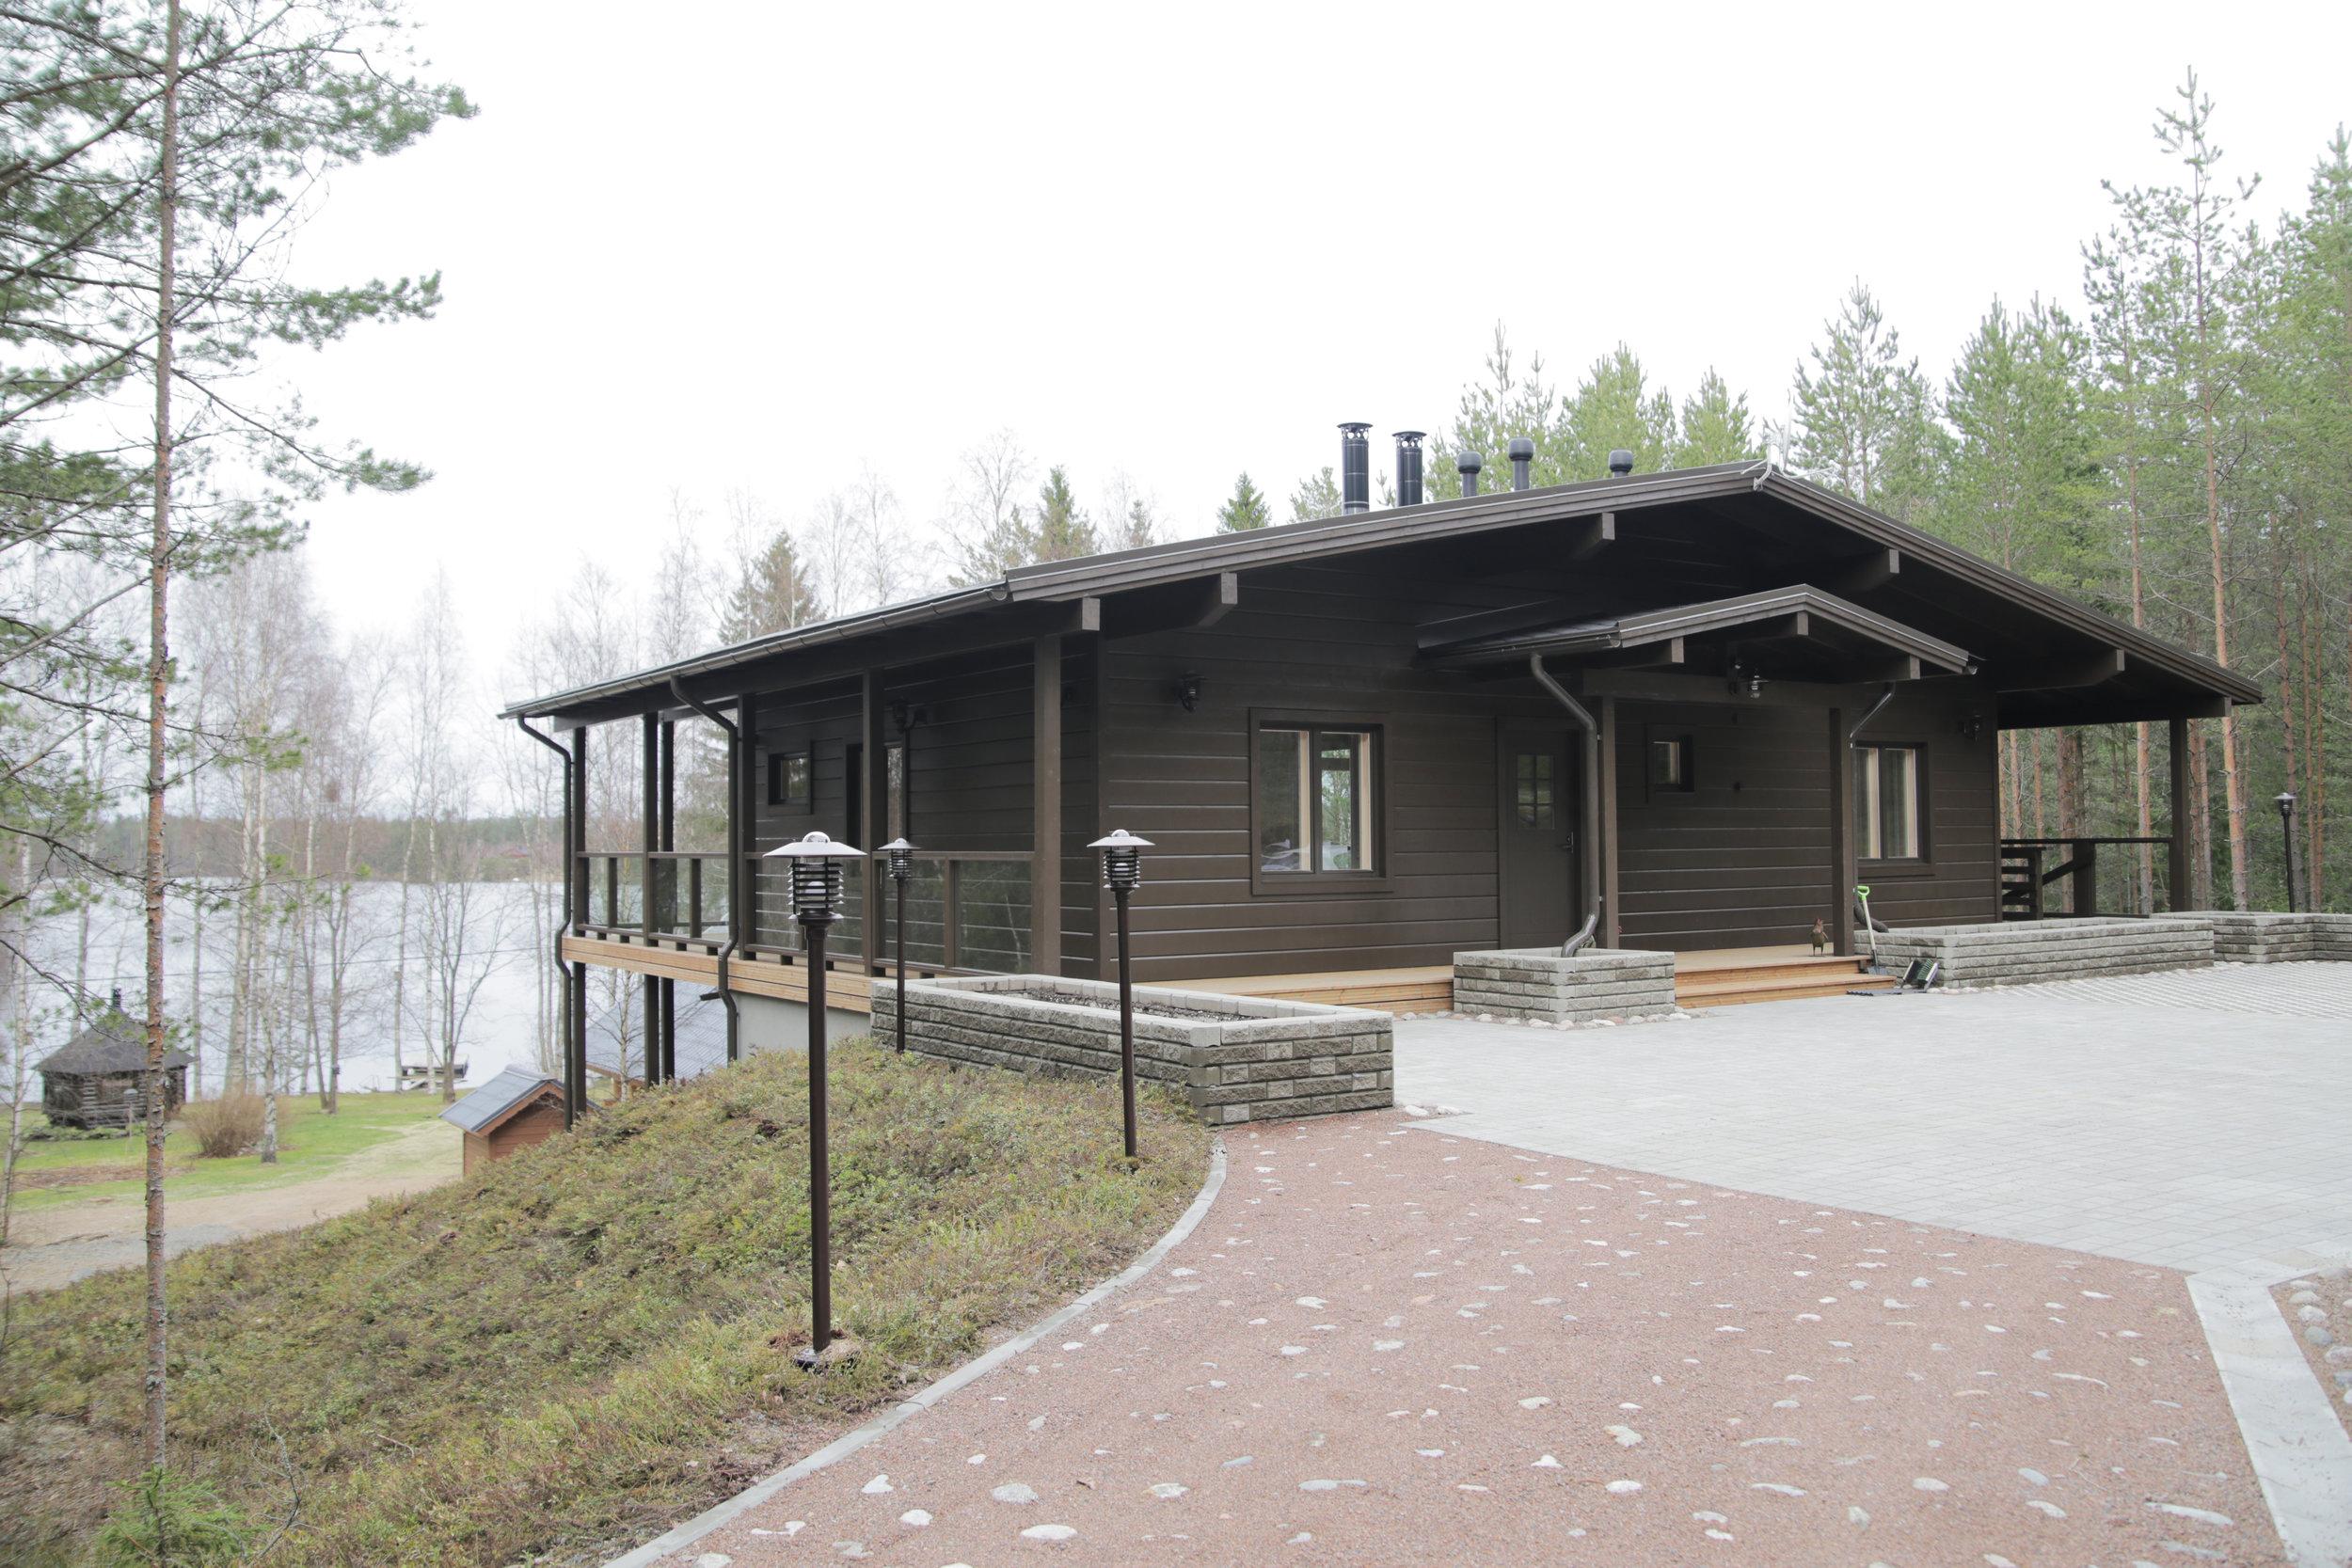 Загородный дом в финляндии апартаменты family alley